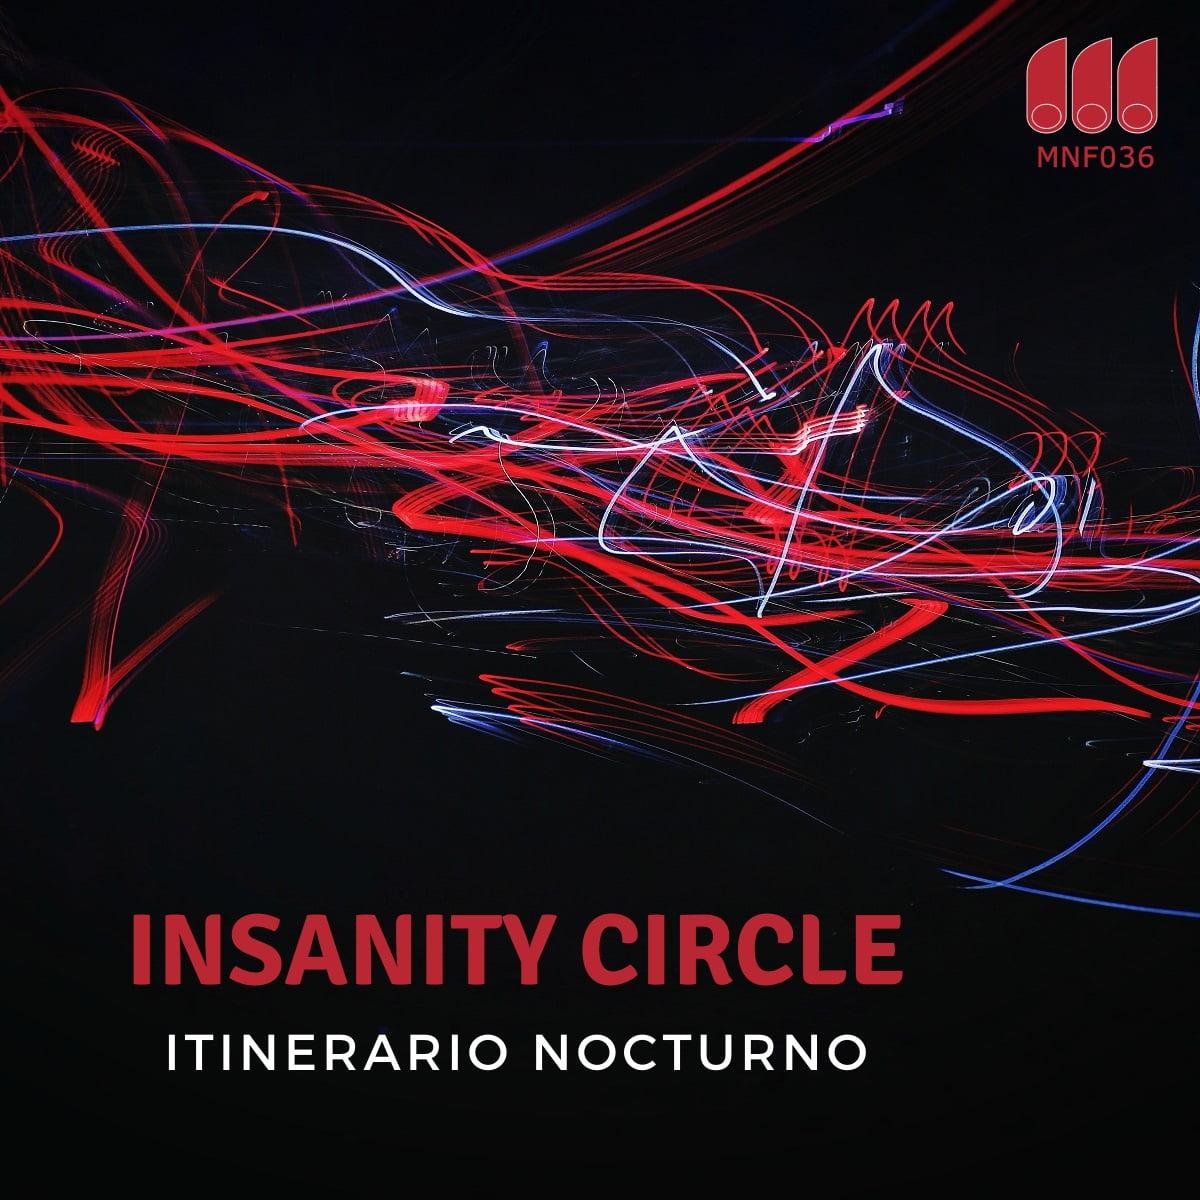 Monofonicos presenta nuevo lanzamiento de Insanity Circle